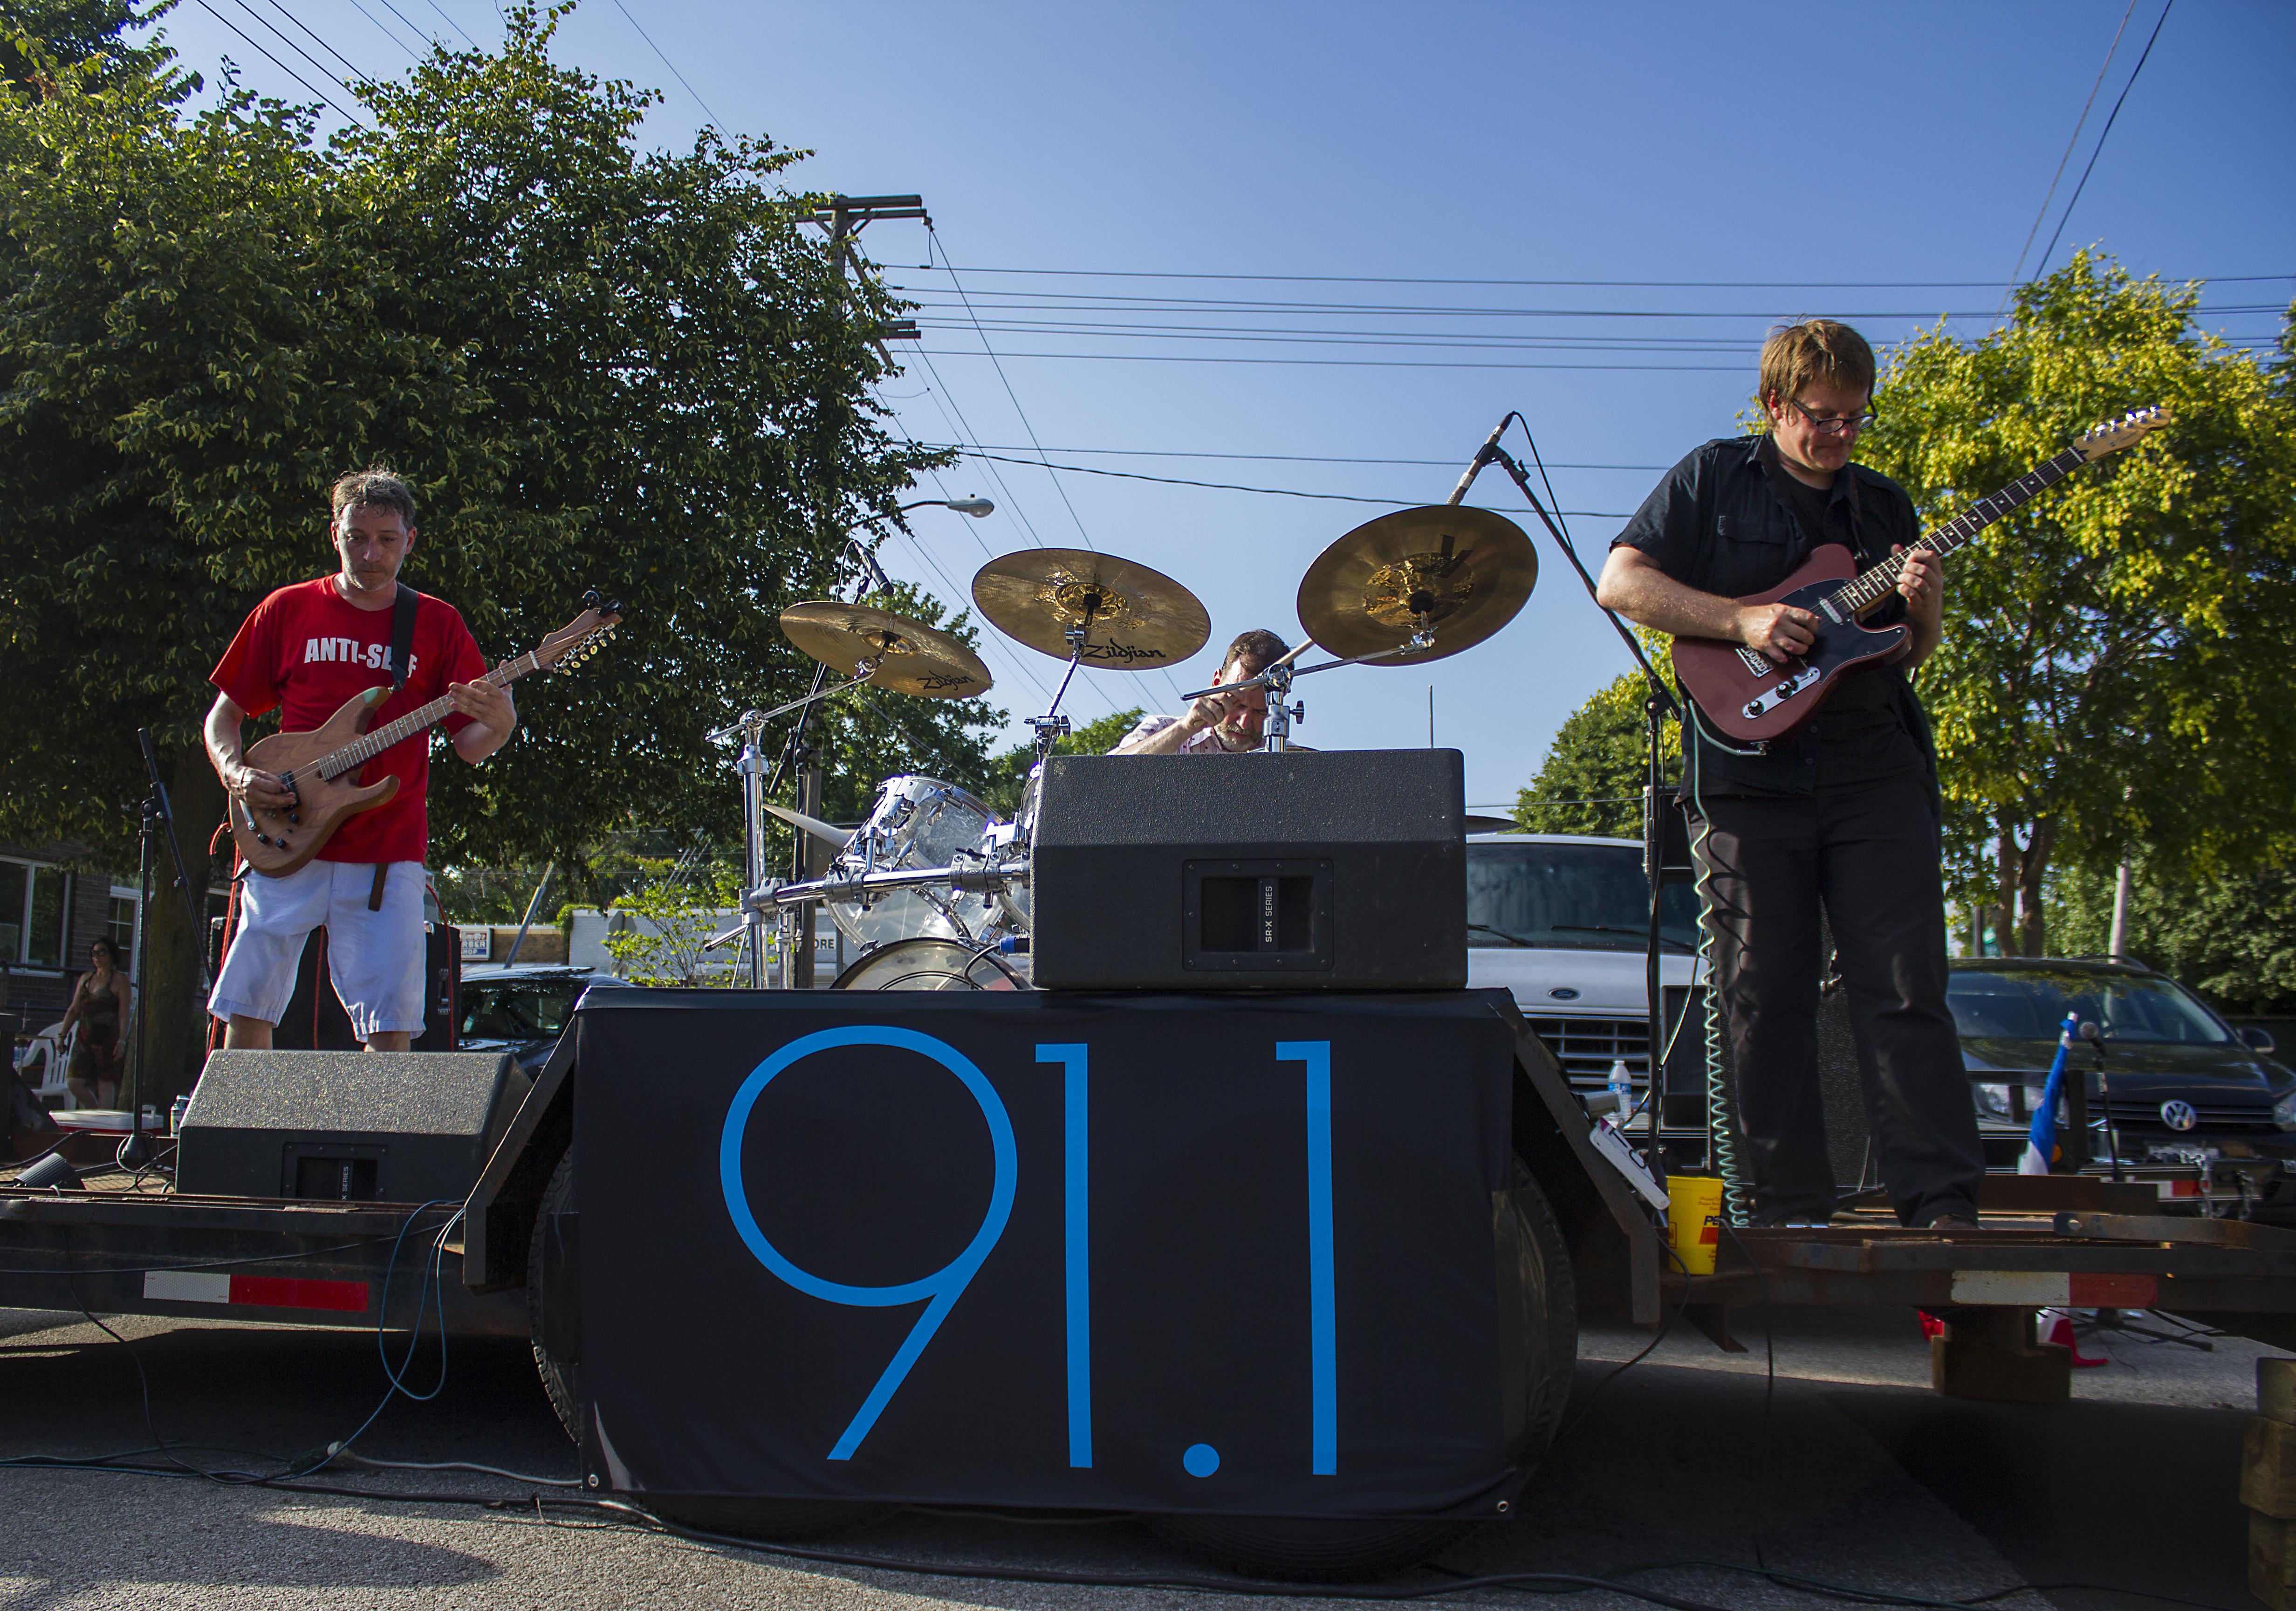 Yowie at WDBX Summer Street Fest 2015. Photo by: Matthew McGuire